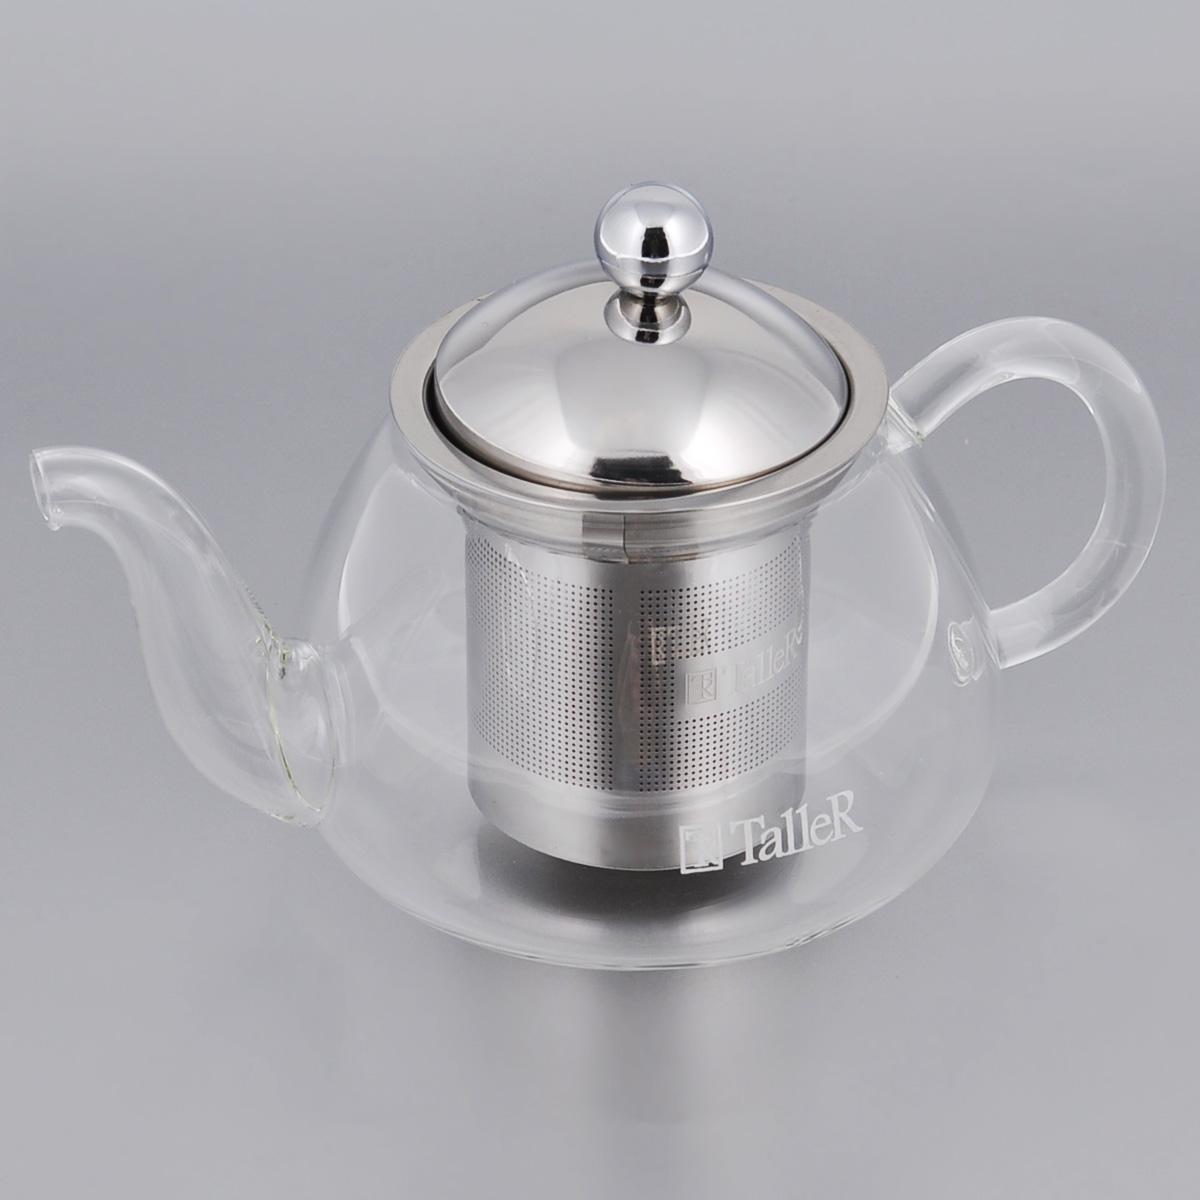 Чайник заварочный Taller Hansen, 700 млTR-1346Заварочный чайник Taller Hansen изготовлен из жаропрочного боросиликатного стекла. Крышка и ситечко выполнены из высококачественной нержавеющей стали 18/10. Чайник идеален для приготовления кофе, чая, тонизирующих и расслабляющих напитков. Удобная ручка не нагревается. Съемный фильтр для заваривания удобен в использовании. Форма края носика препятствует образованию подтеков. Разборная конструкция позволяет легко мыть чайник. Подходит для мытья в посудомоечной машине. Диаметр чайника (по верхнему краю): 8 см. Высота чайника (без учета крышки): 8 см. Высота ситечка: 7,5 см.